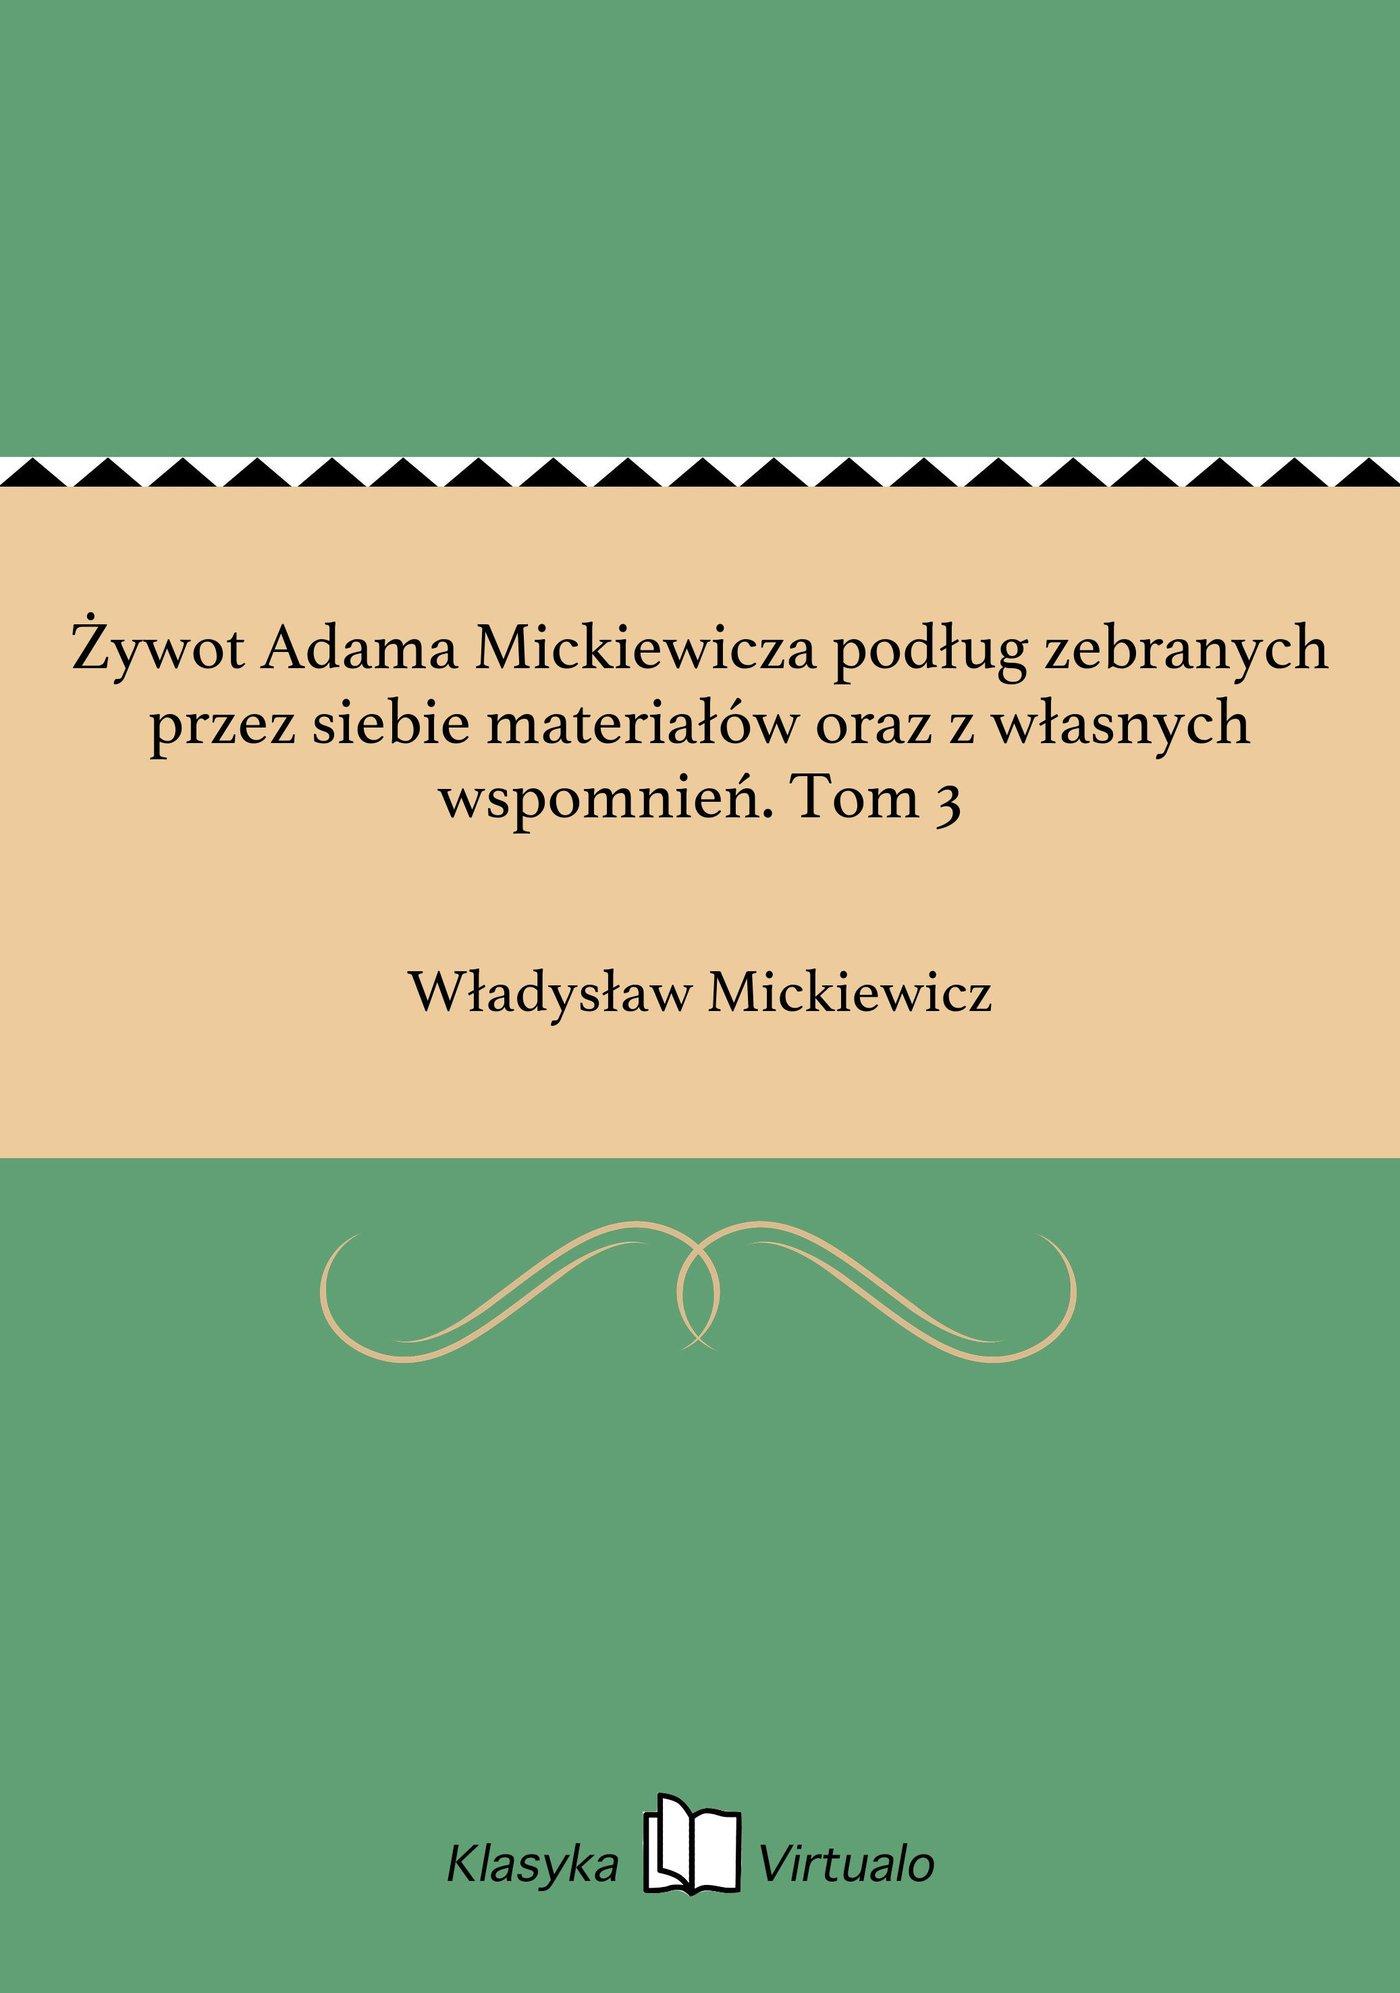 Żywot Adama Mickiewicza podług zebranych przez siebie materiałów oraz z własnych wspomnień. Tom 3 - Ebook (Książka EPUB) do pobrania w formacie EPUB